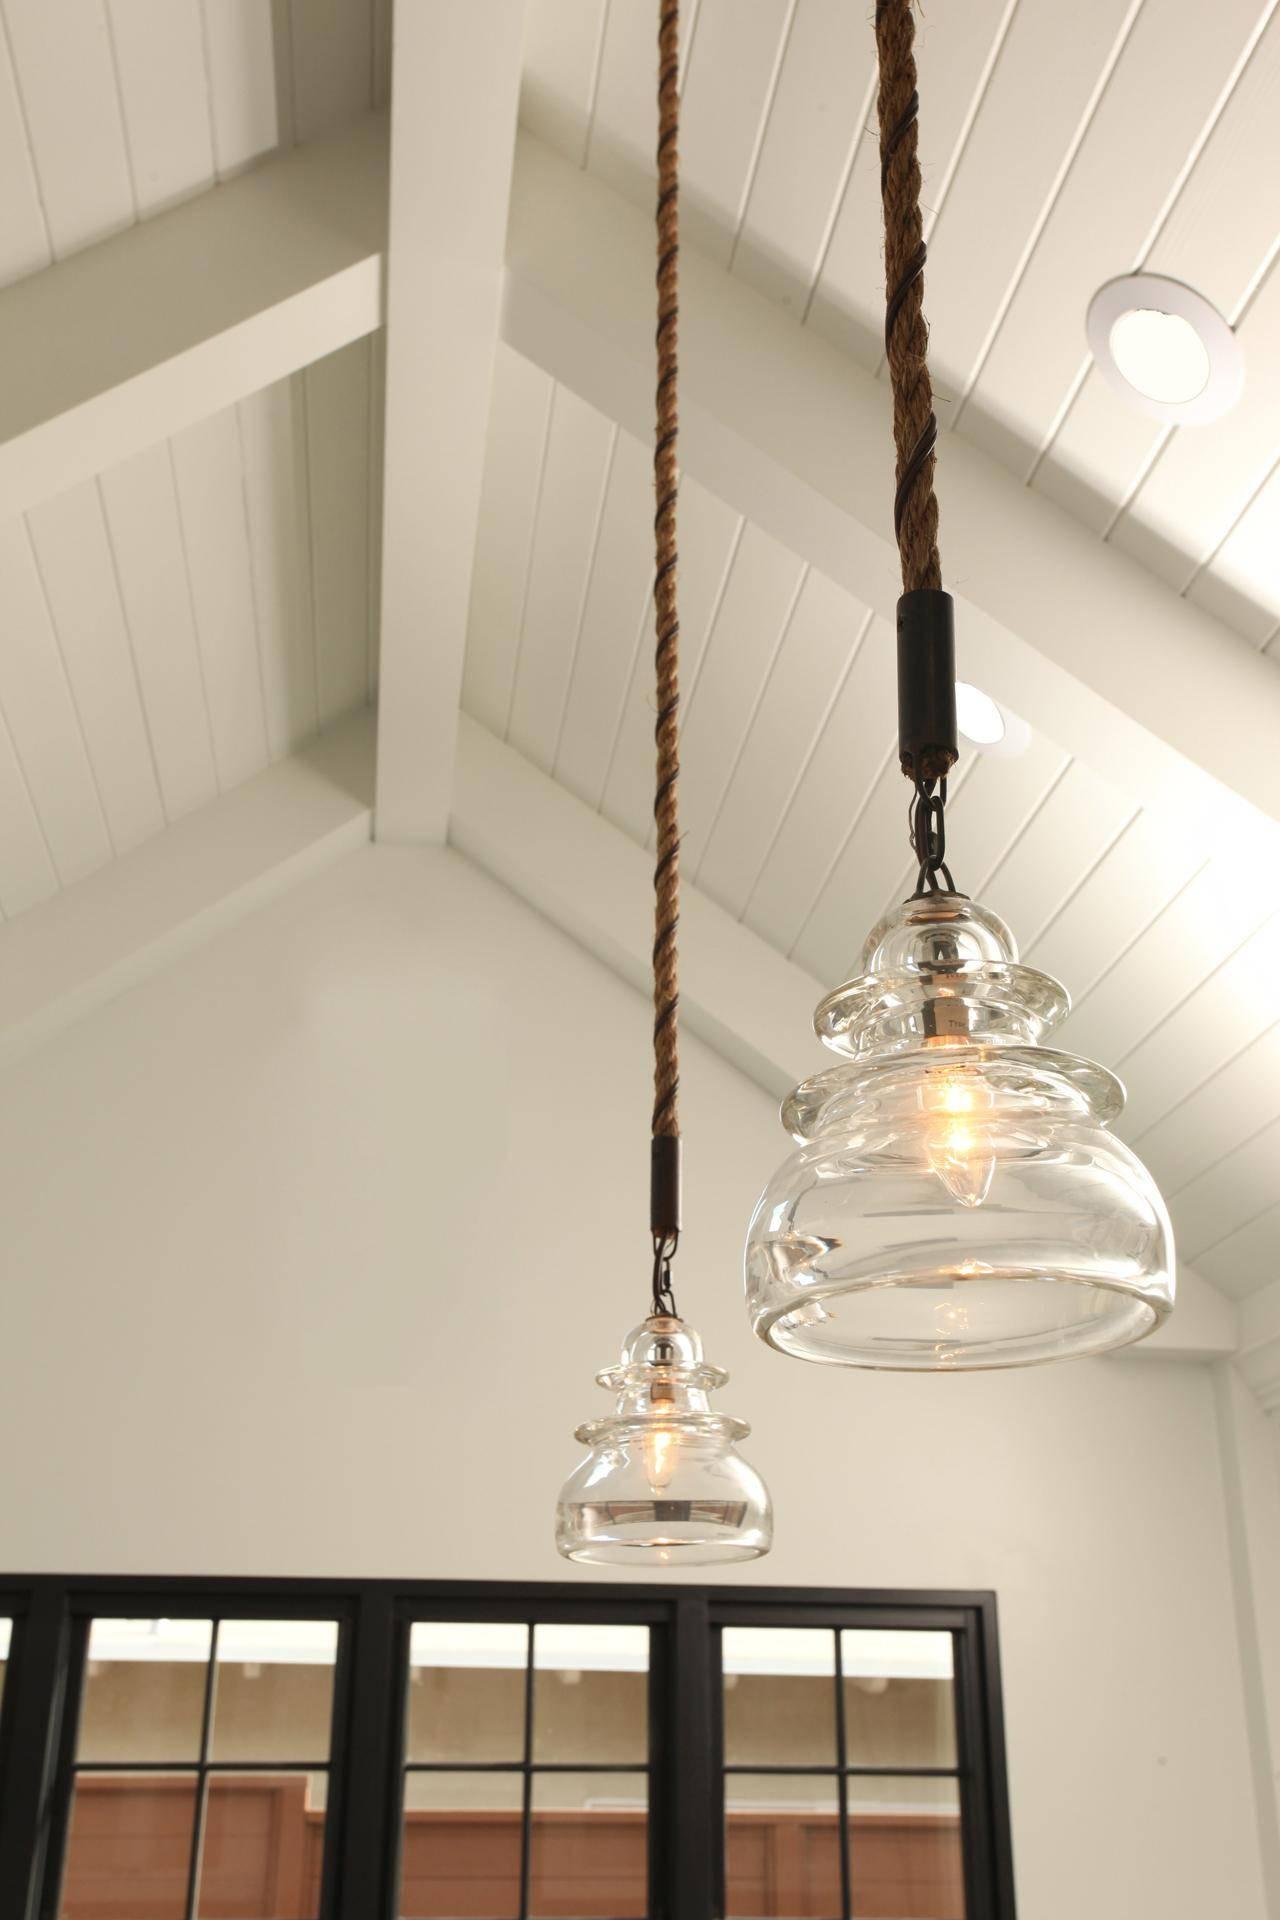 Unique Farmhouse Pendant Lights 83 For Large Outdoor Pendant Light with Farmhouse Pendant Lighting Fixtures (Image 15 of 15)